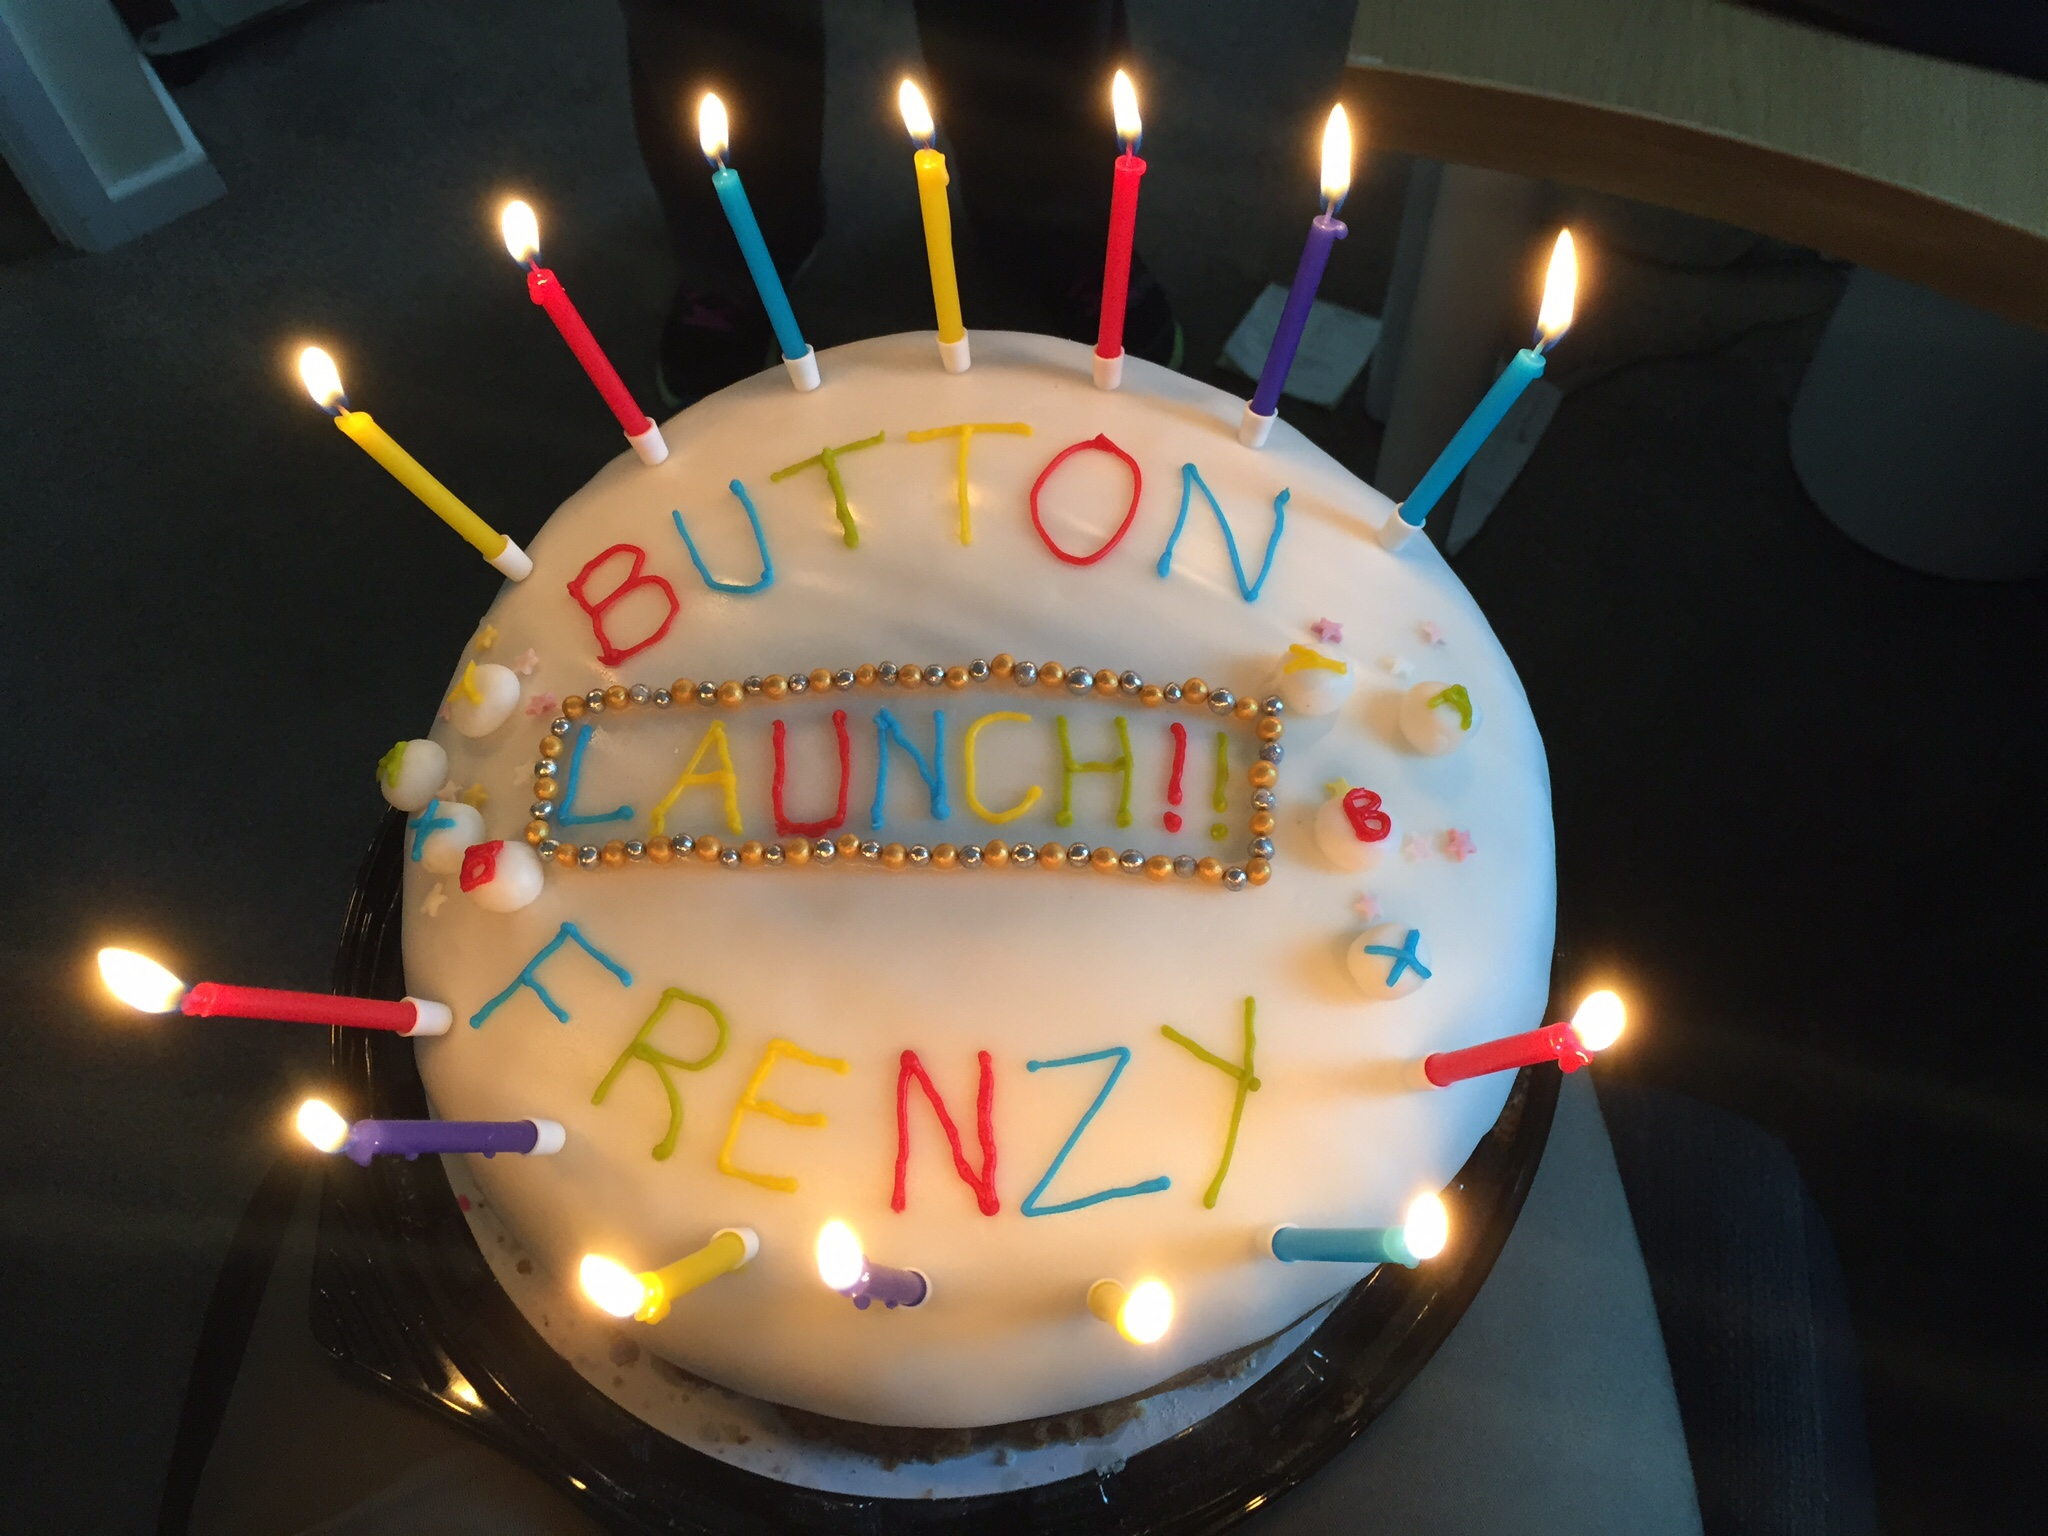 Launch celebration cake